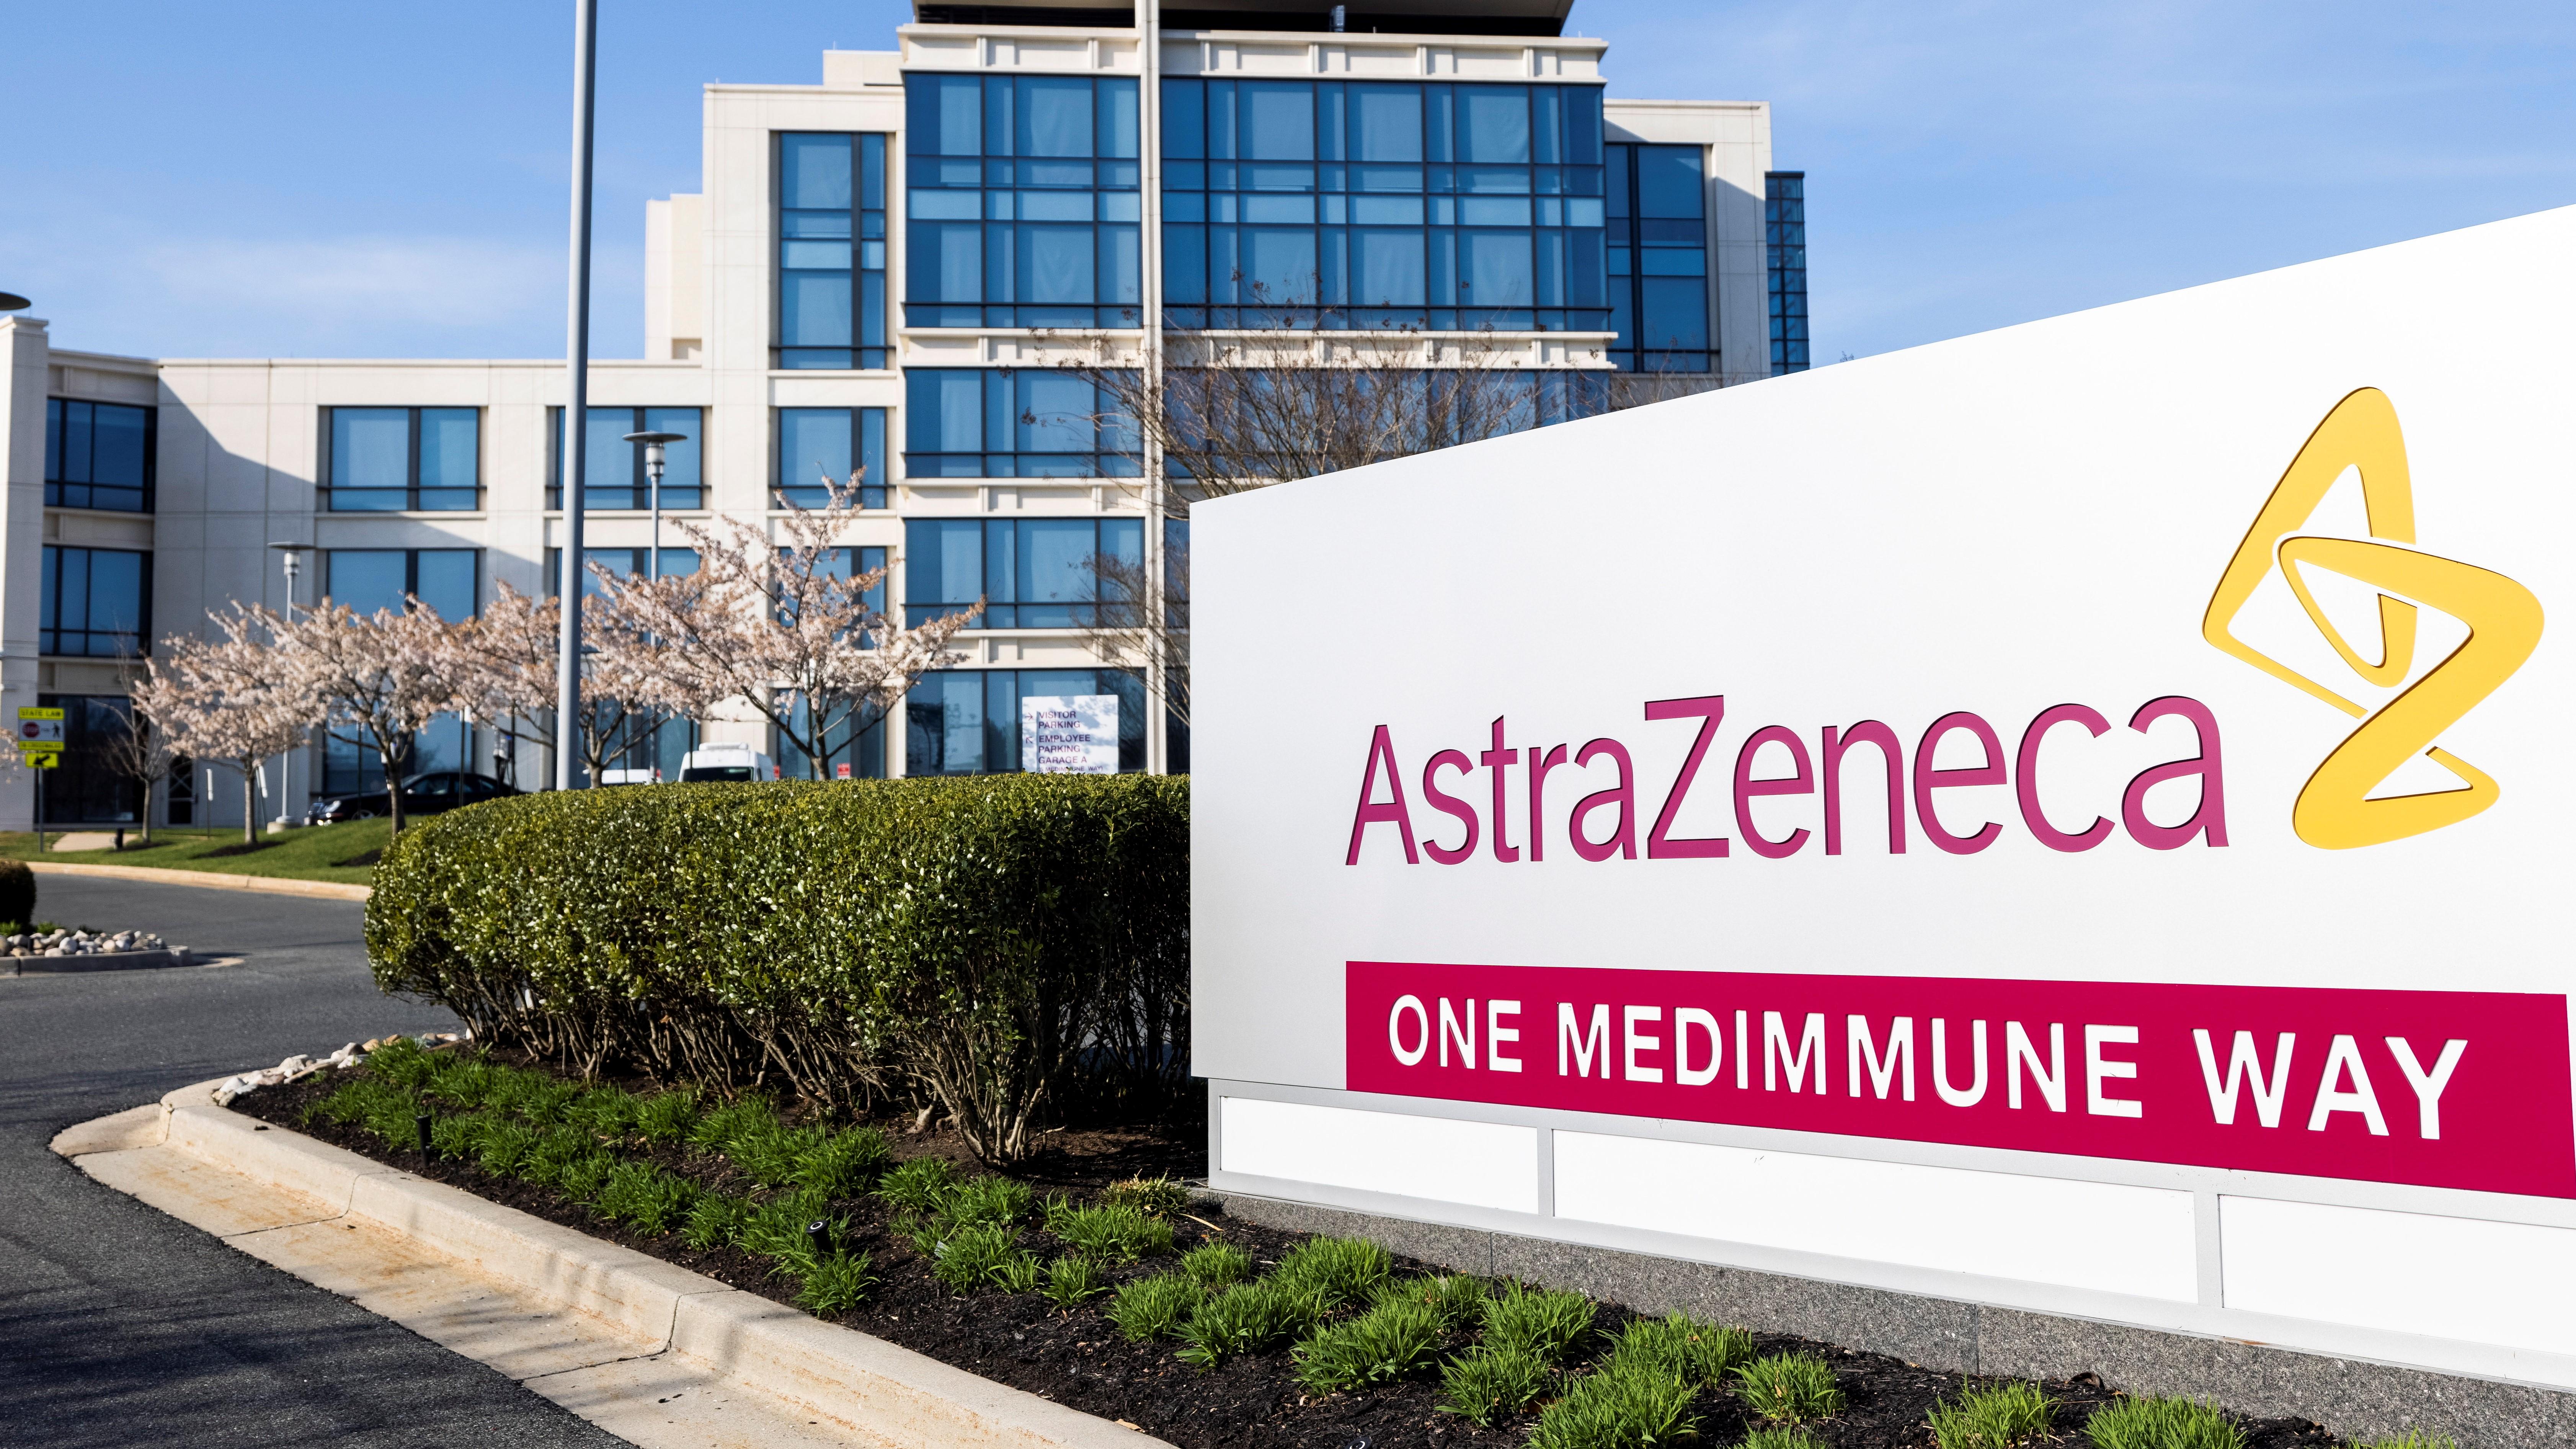 Az AstraZeneca svéd-brit gyógyszergyártó cég egyik központja a Maryland állambeli Gaithersburgben 2021. április 5-én. (